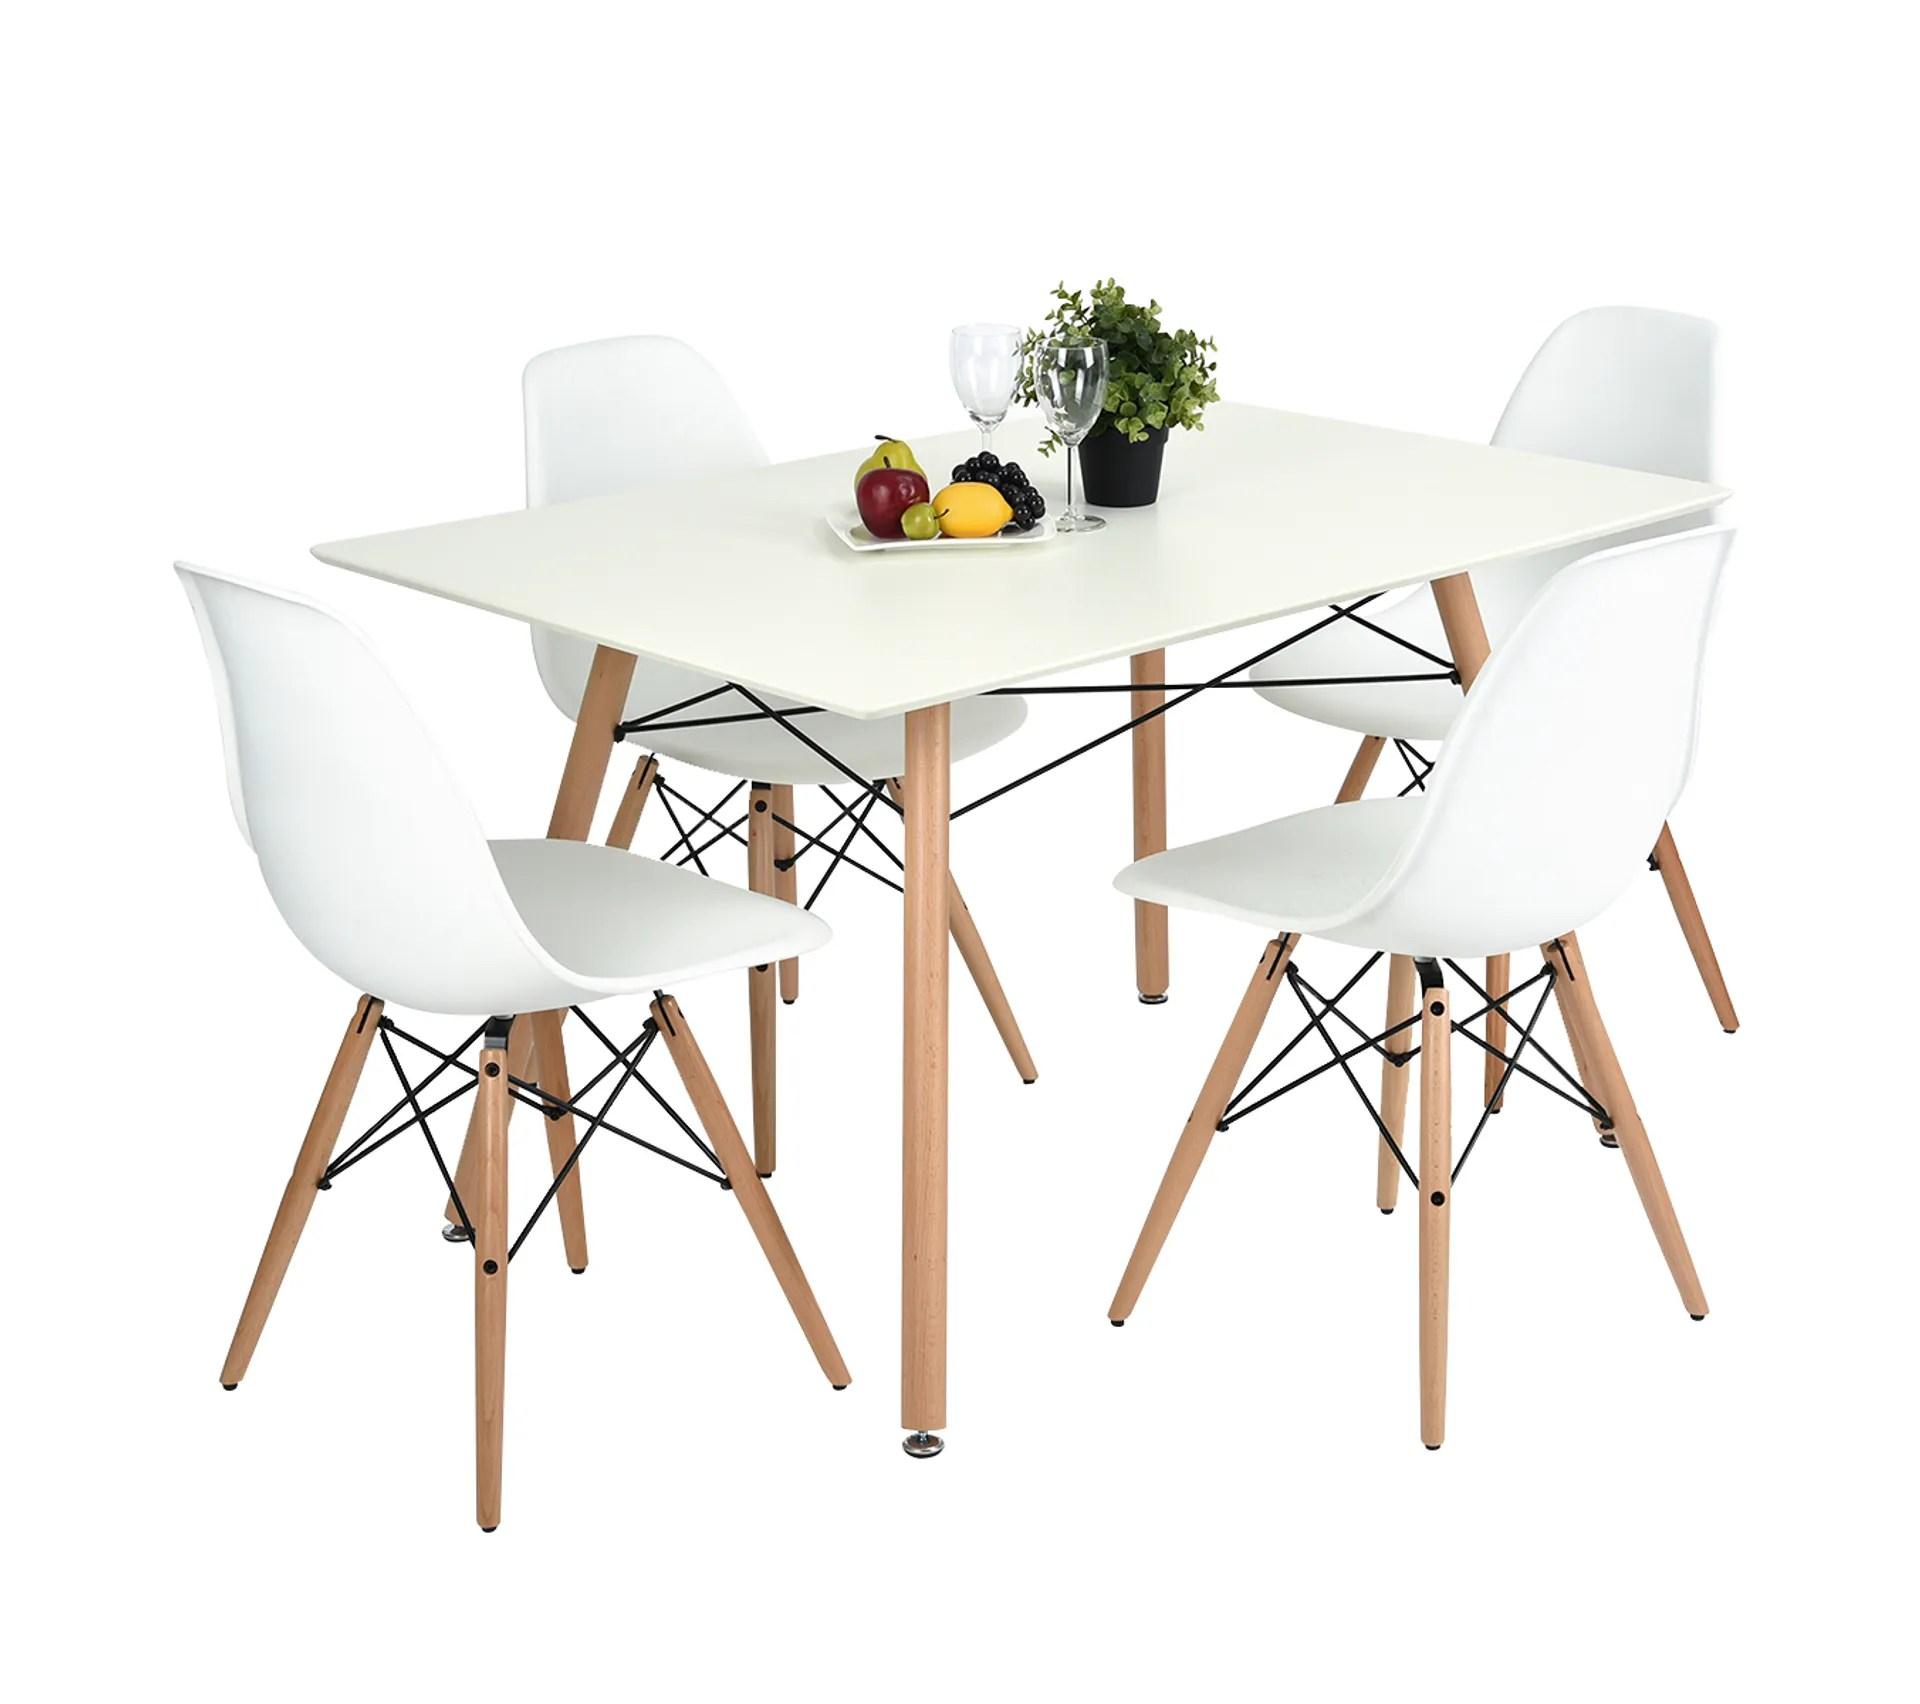 ensemble table a manger rectangulaire 110 70 et 4 chaises scandinave blanc bois